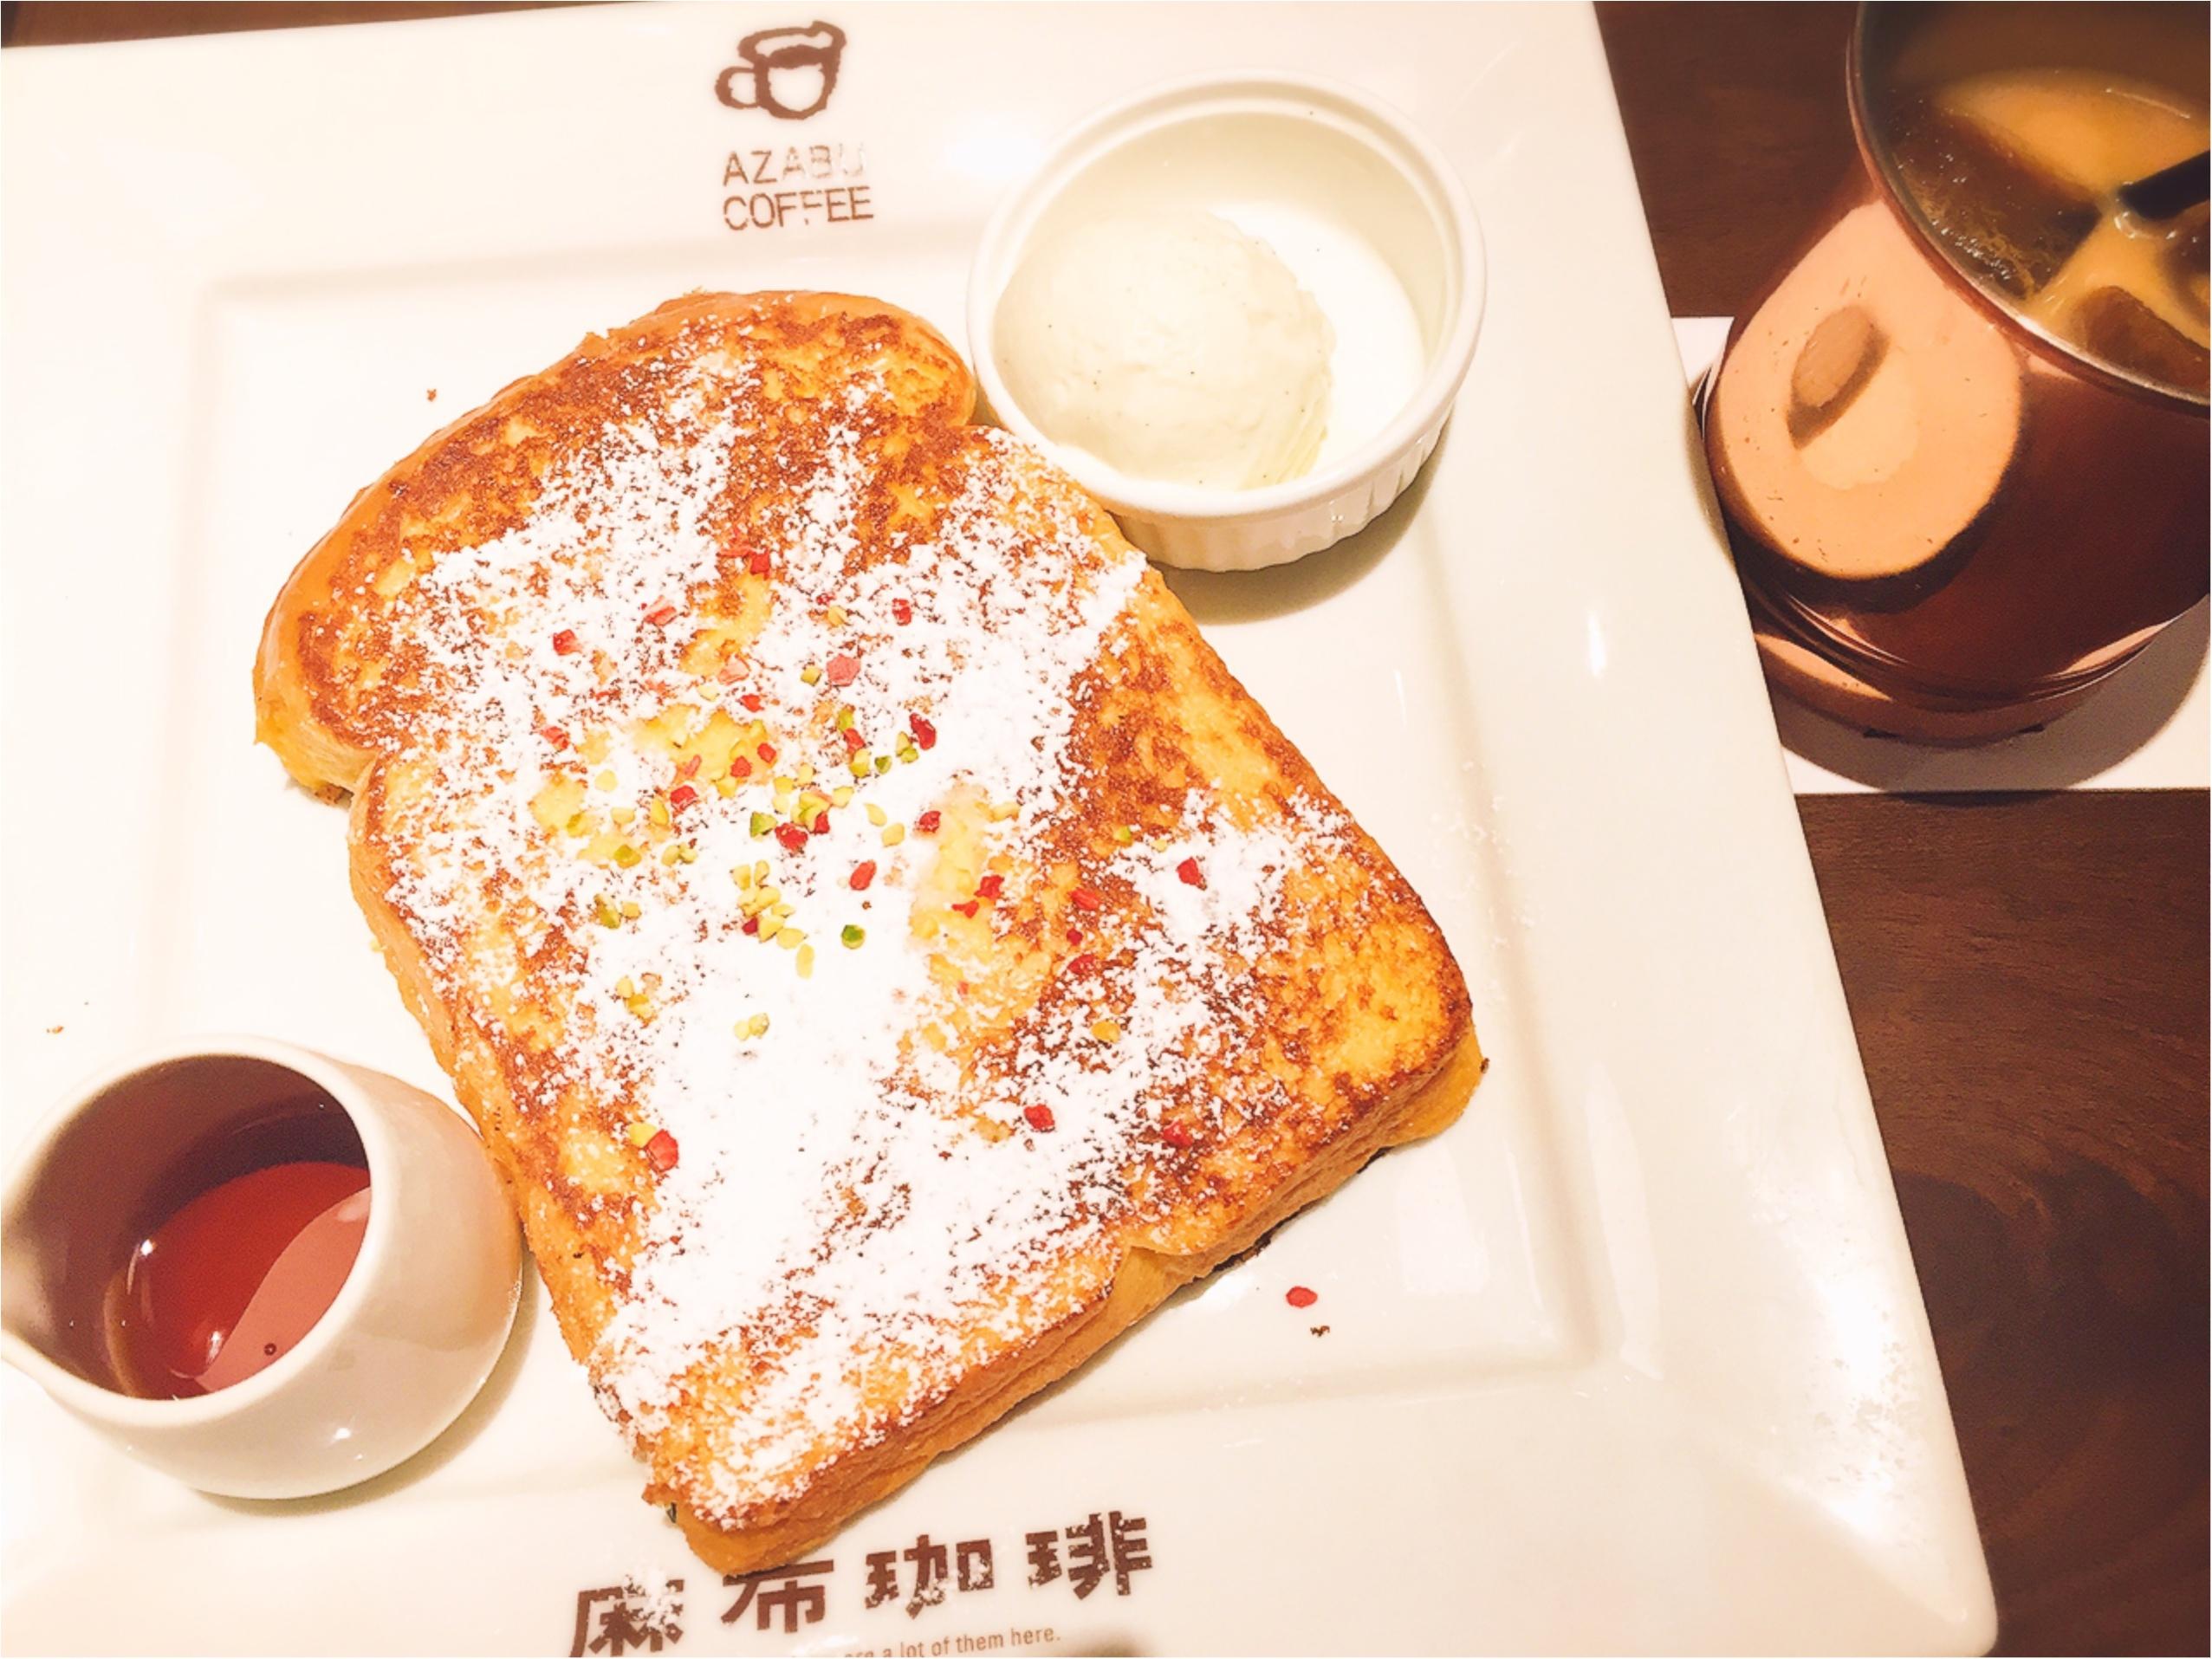 《朝活のすすめ》ちょっと早起きして美味しいフレンチトーストを食べに行きませんか?_4